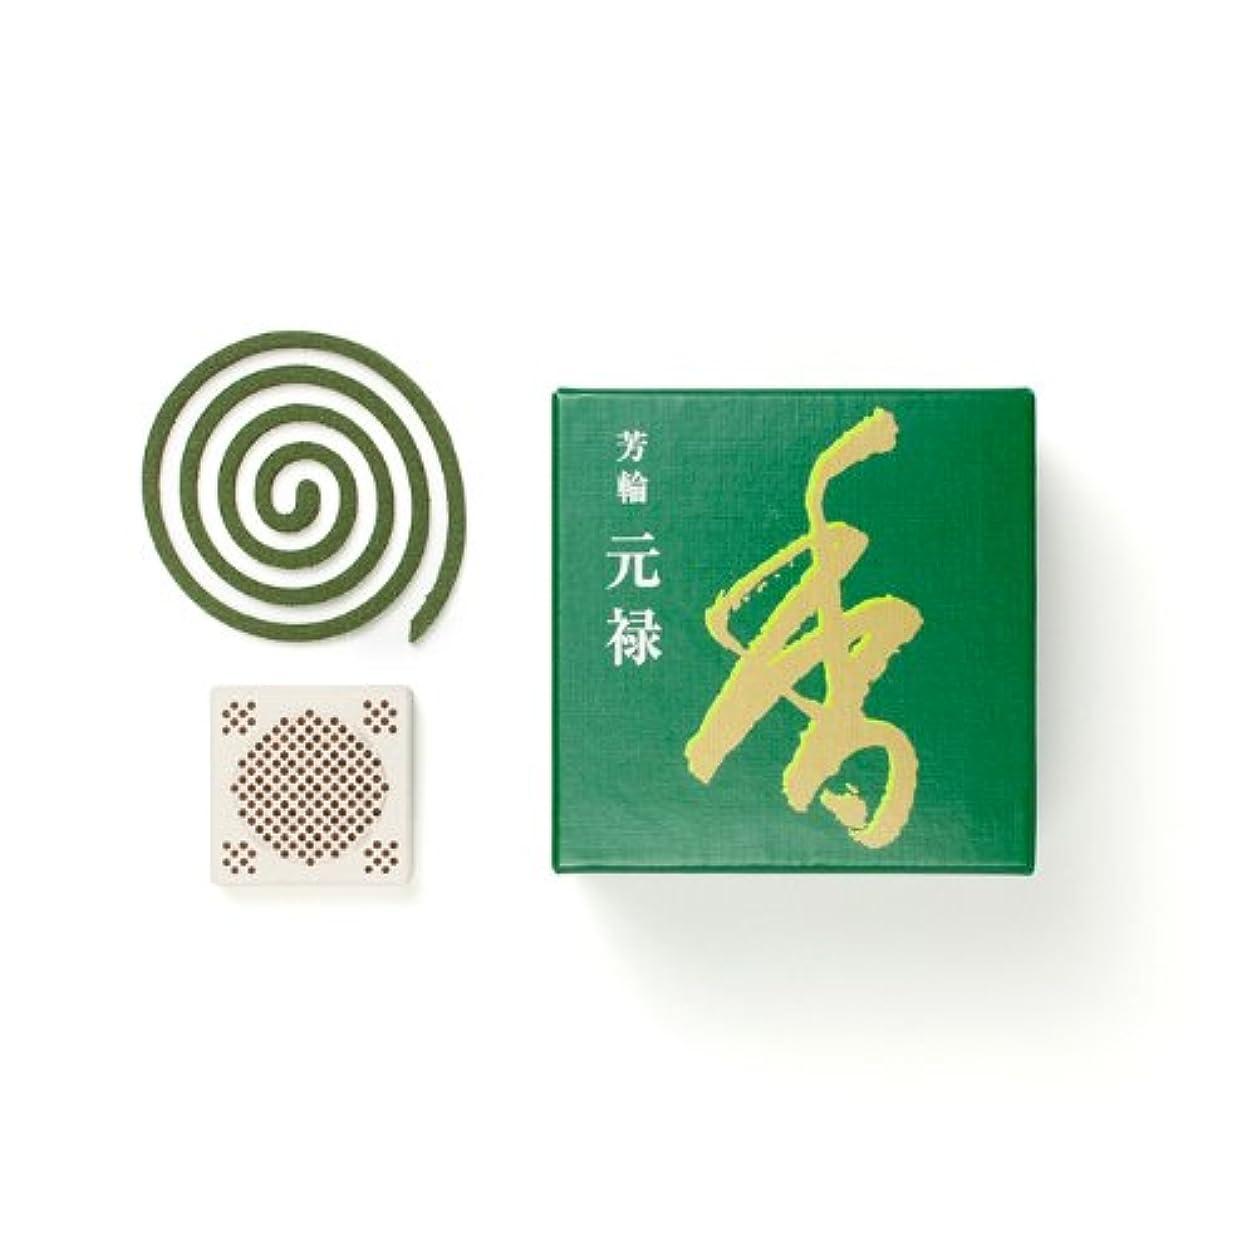 昨日出発ホイスト松栄堂のお香 芳輪元禄 渦巻型10枚入 うてな角型付 #210321